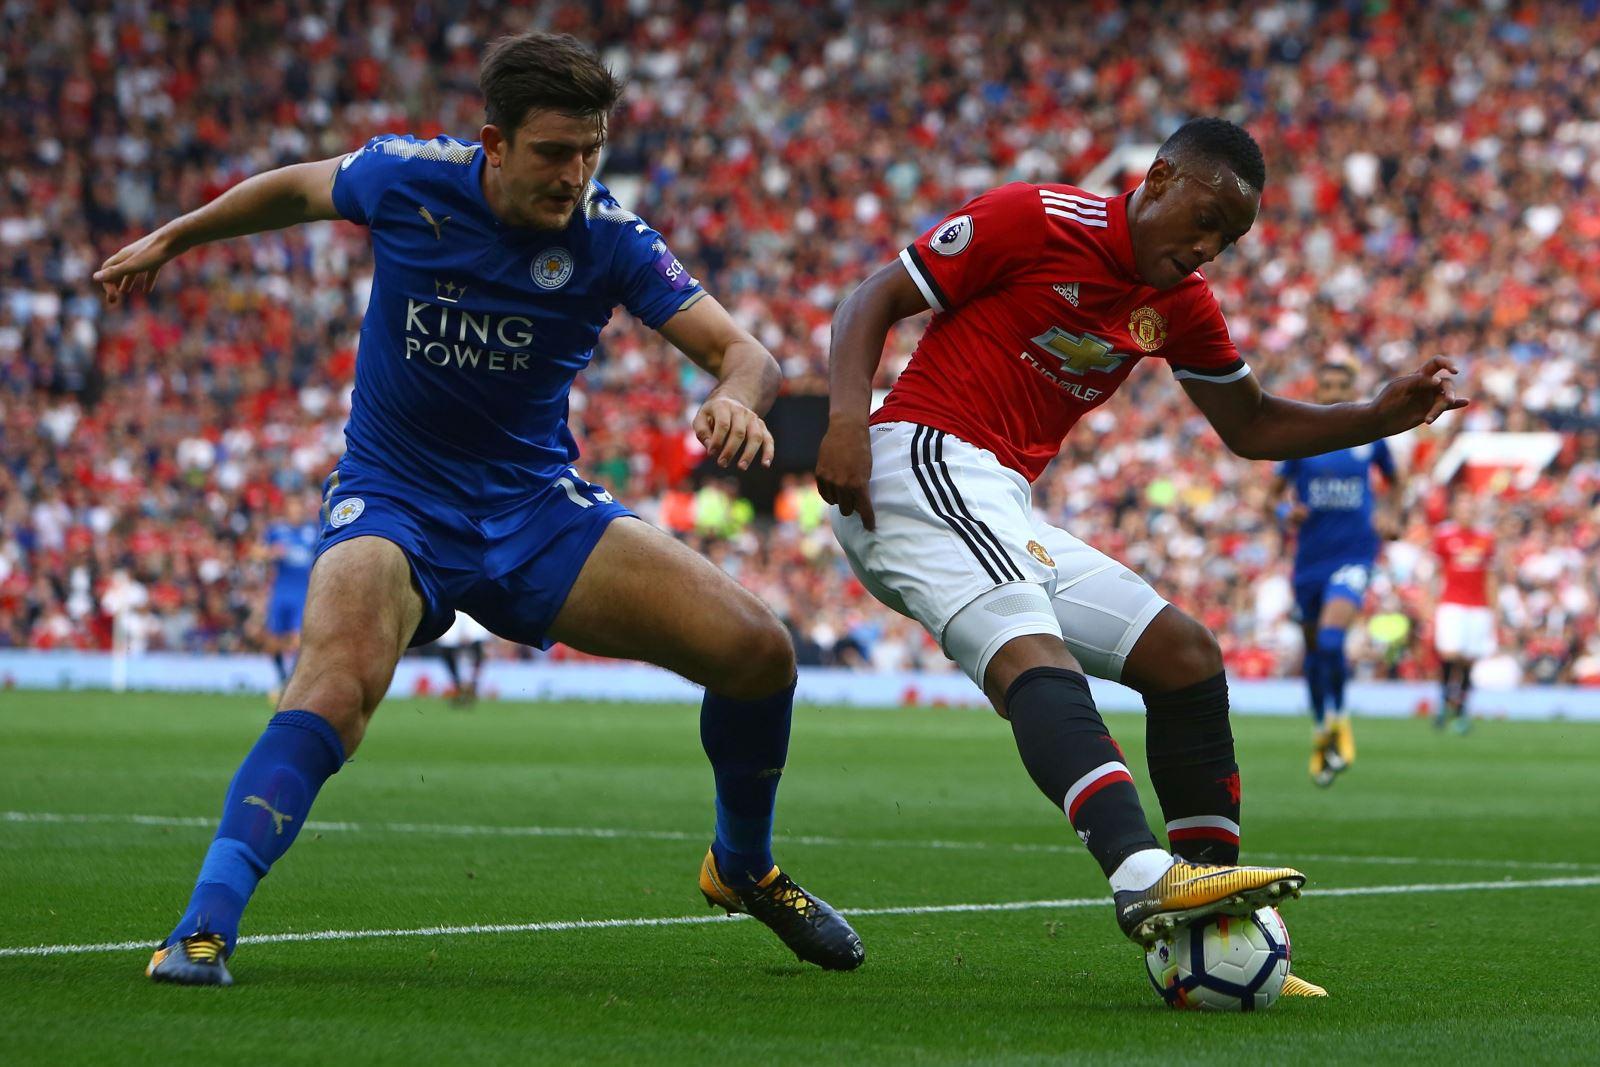 NÓNG: Maguire muốn sang M.U. Mourinho quyết định 'phá két'